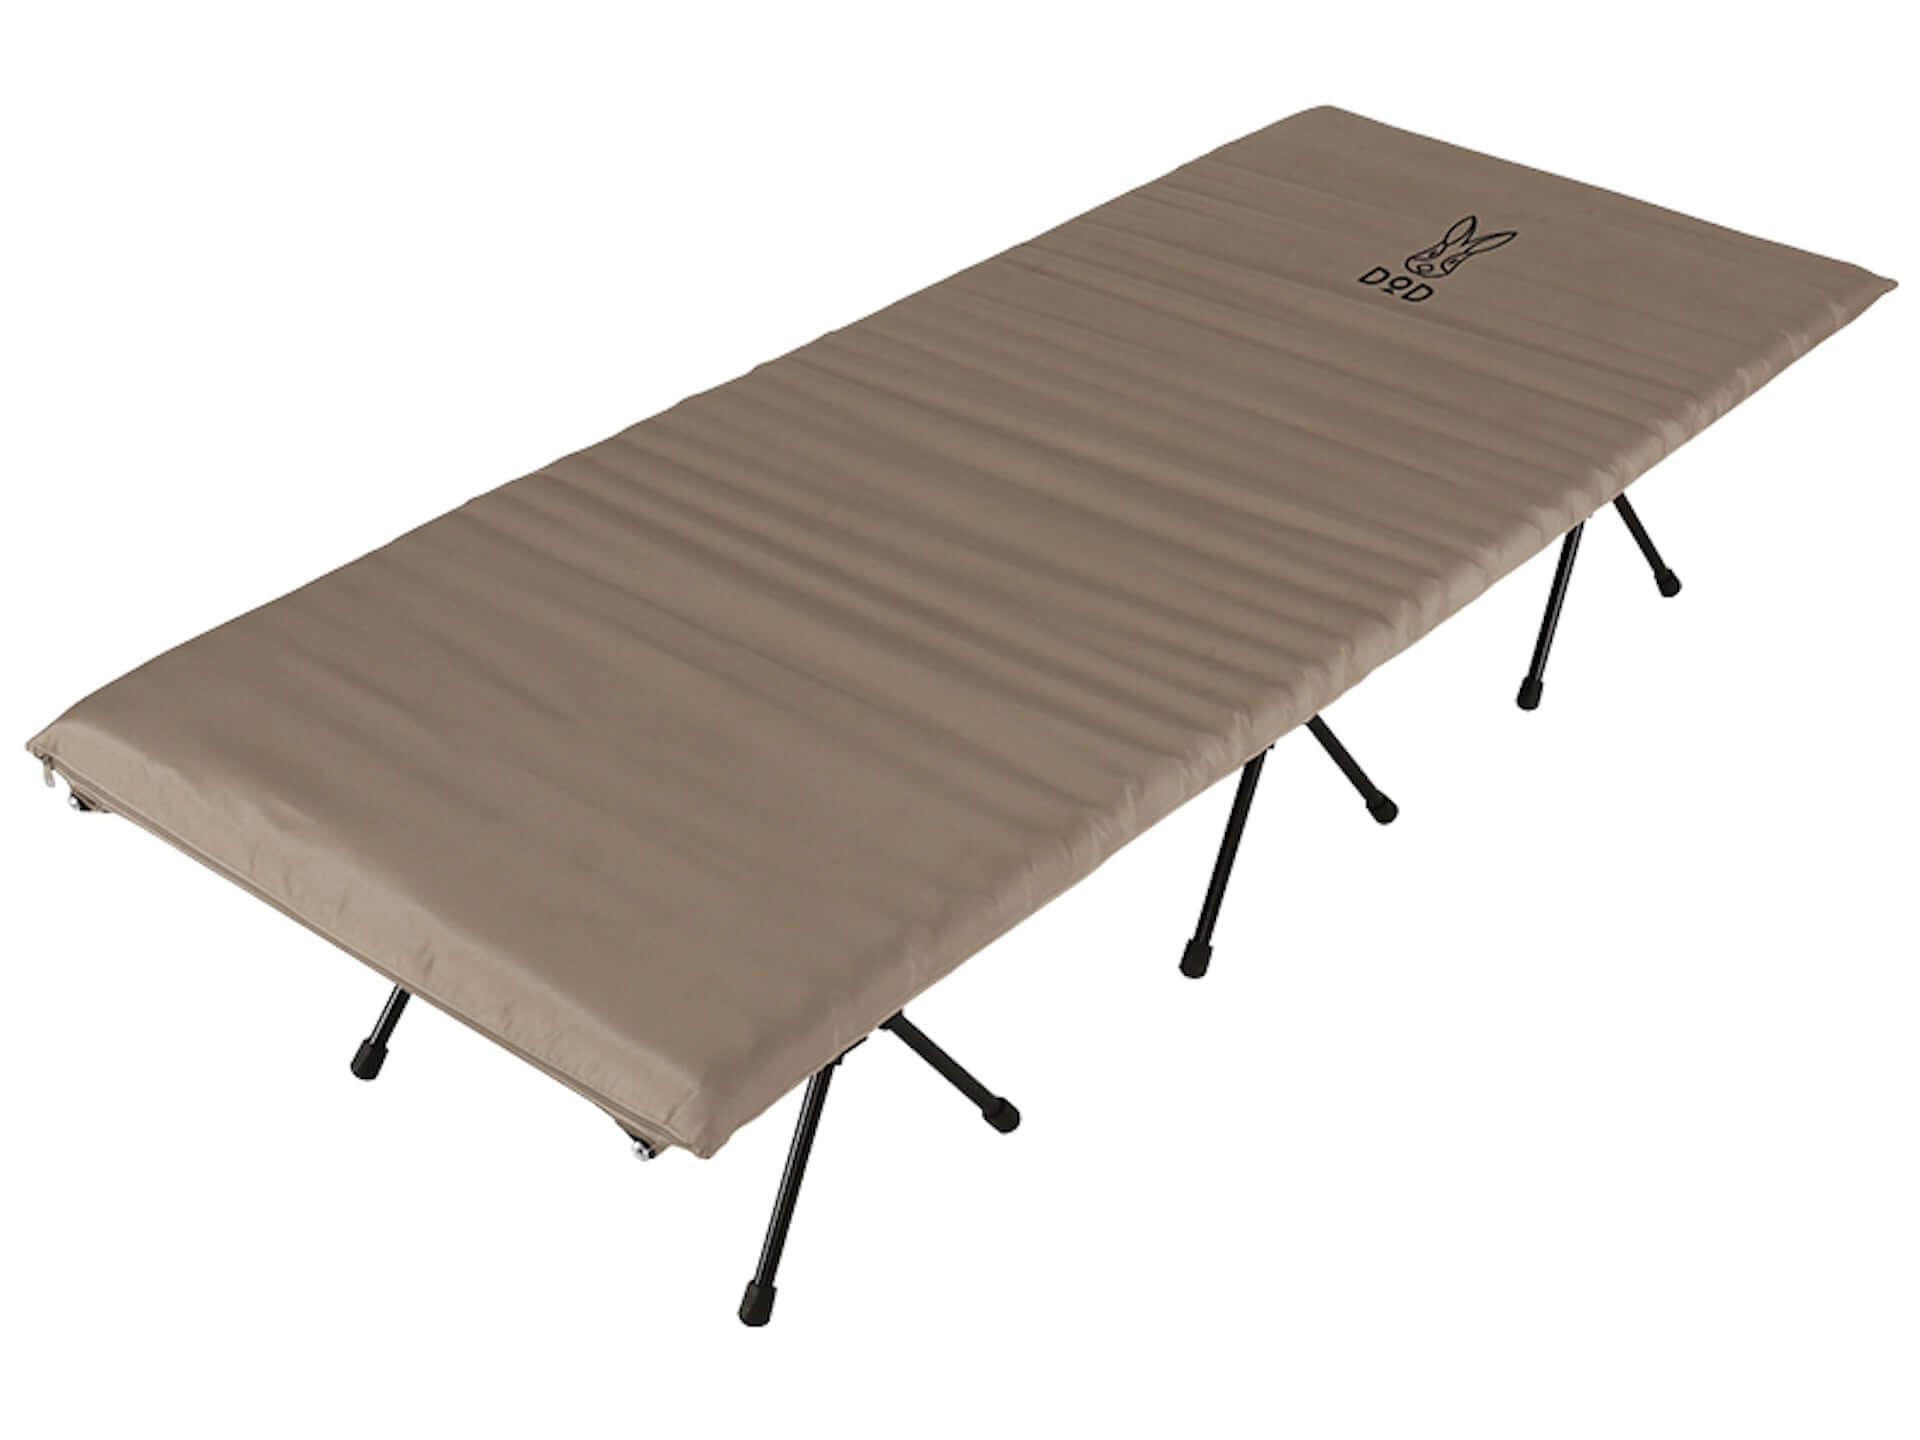 1台3役のキャンプ用ふかふかベッドが登場!男性でも快適な幅広設計なのにコンパクトで持ち運びに便利 lifefashion190723dod-camp-cot_10-1920x1440